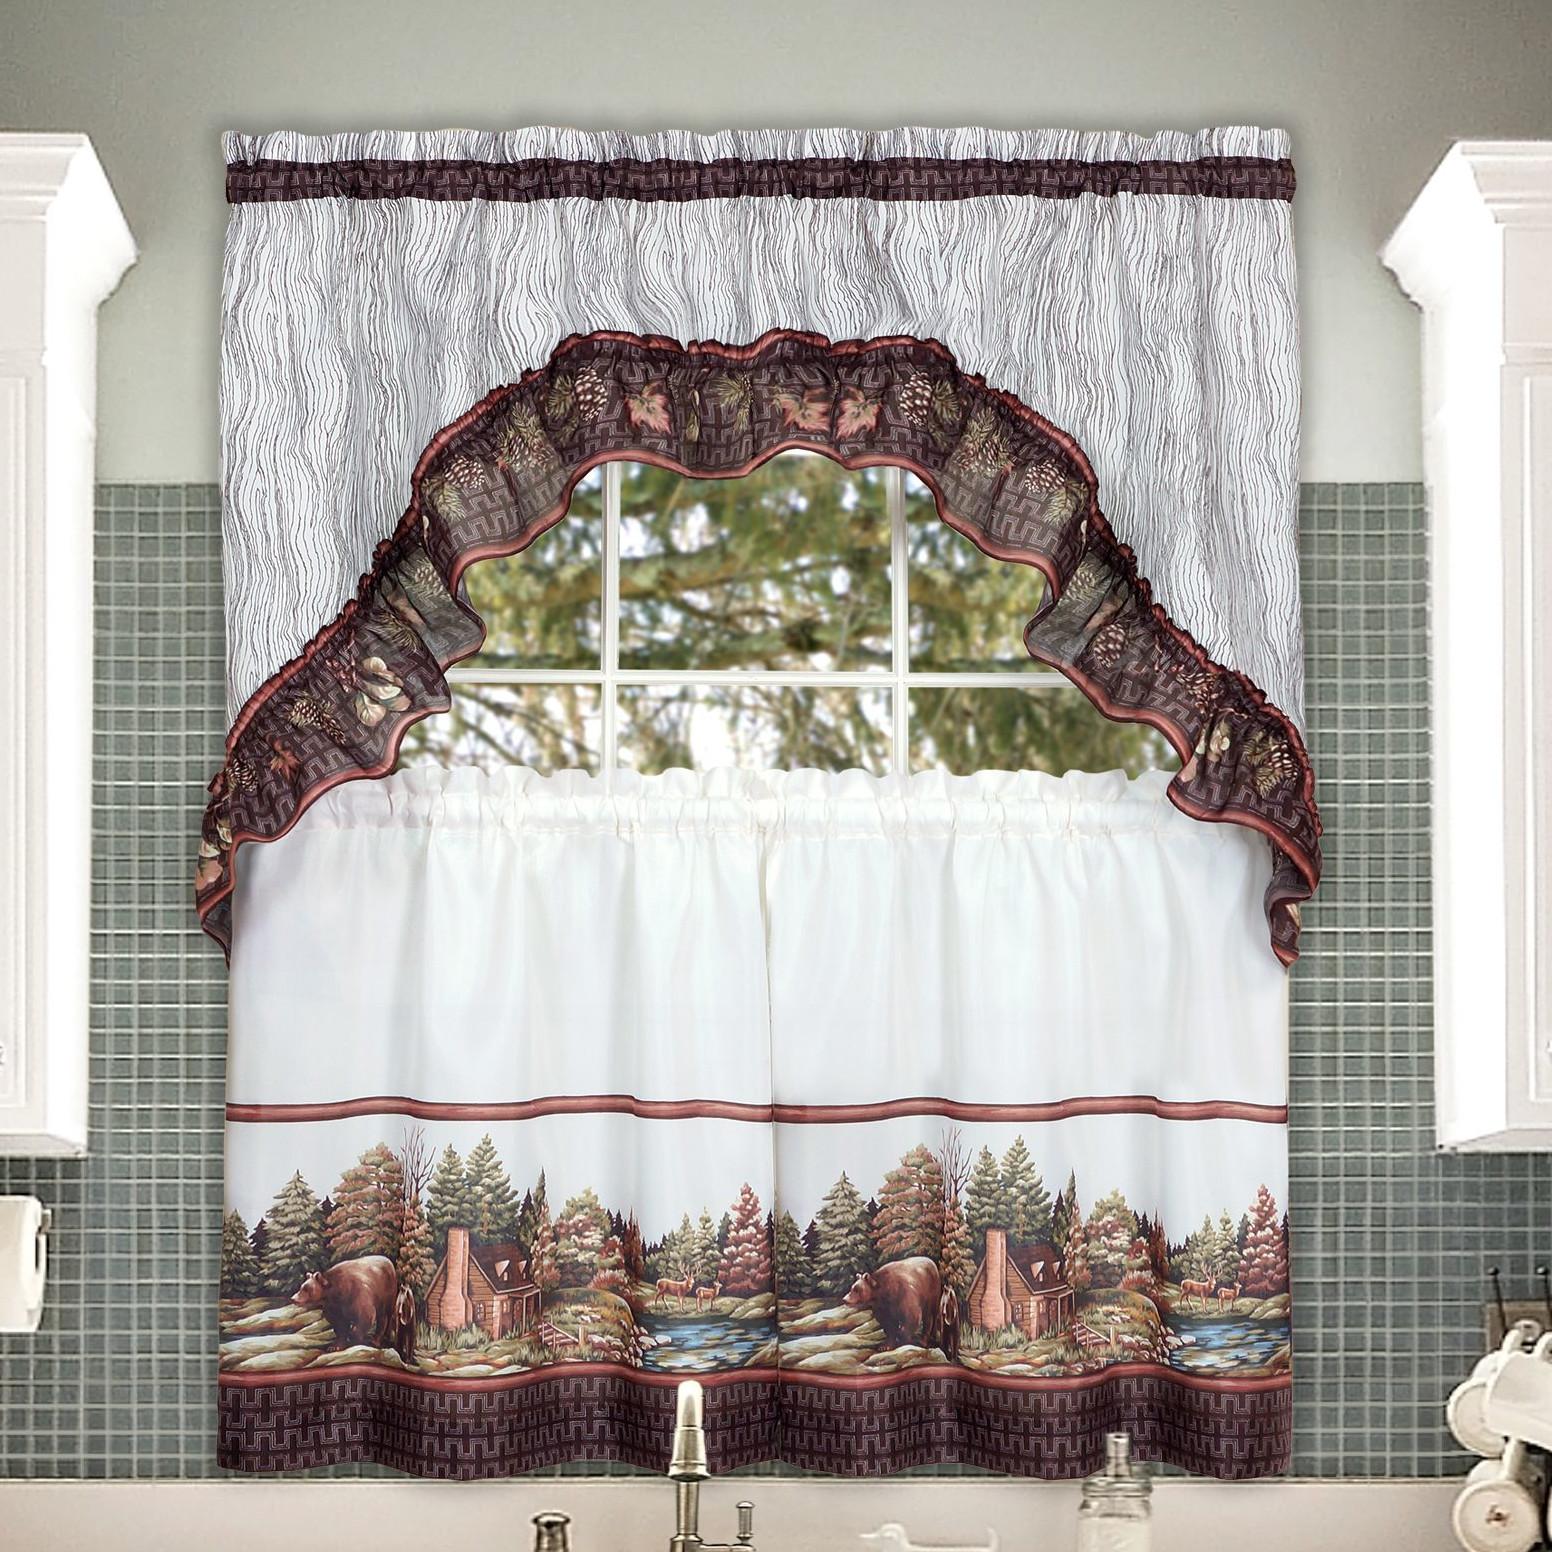 Alaska Wilderness Kitchen Curtain Tier & Swag Set